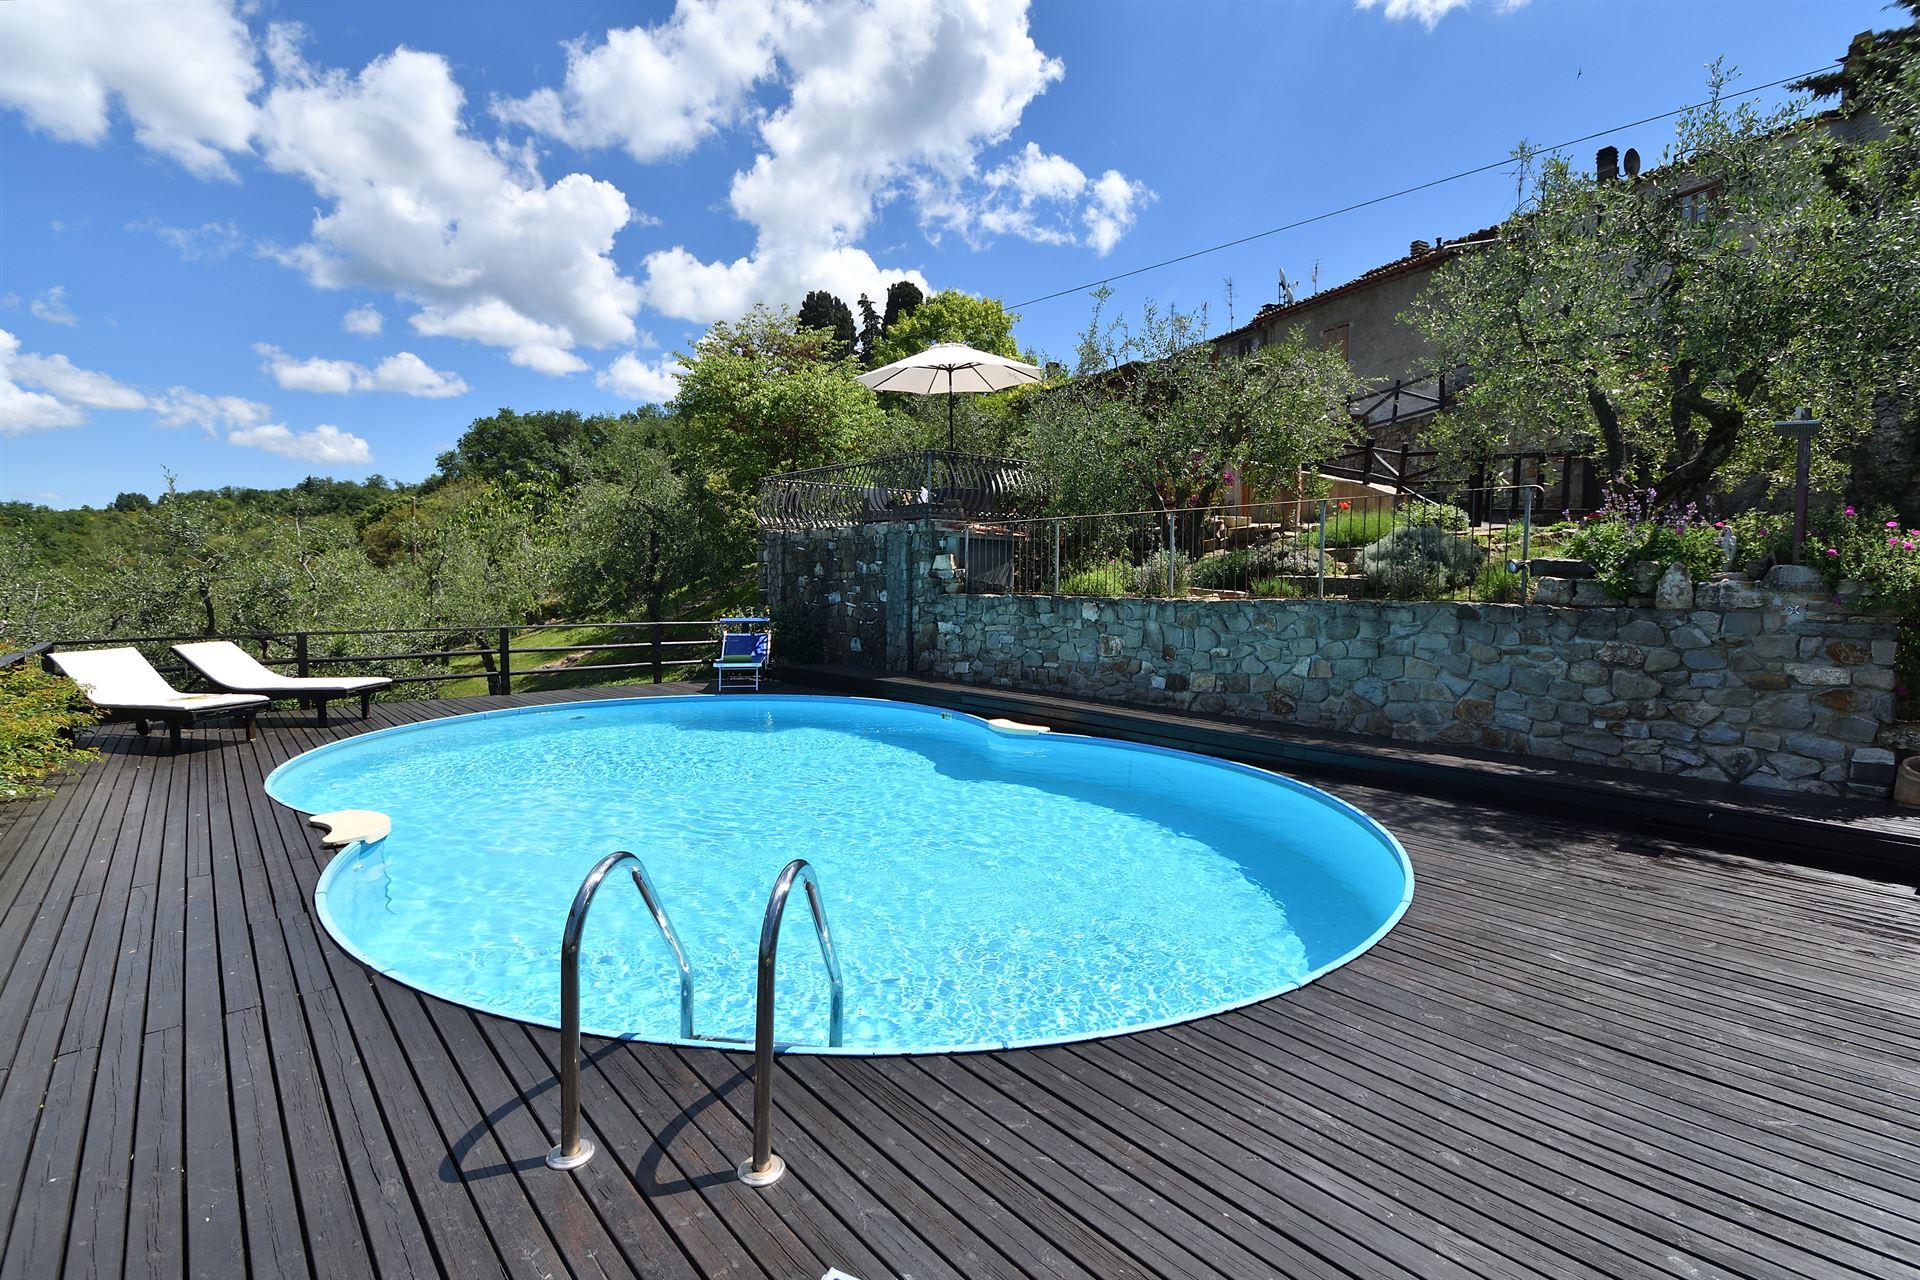 Ferienhaus Casa Silvia Toskana   Urlaub In Valigondoli   San Casciano In  Val Di Pesa   Florenz   Toskana Italien